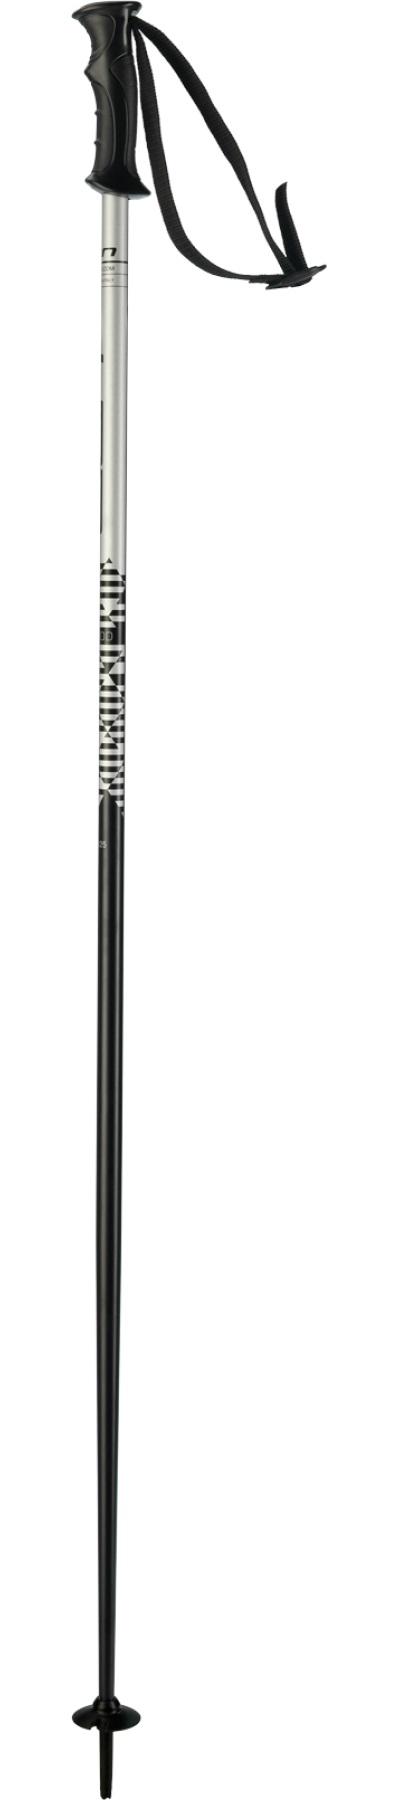 Горнолыжные палки Elan 2017-18 SP NIMrod BLACK